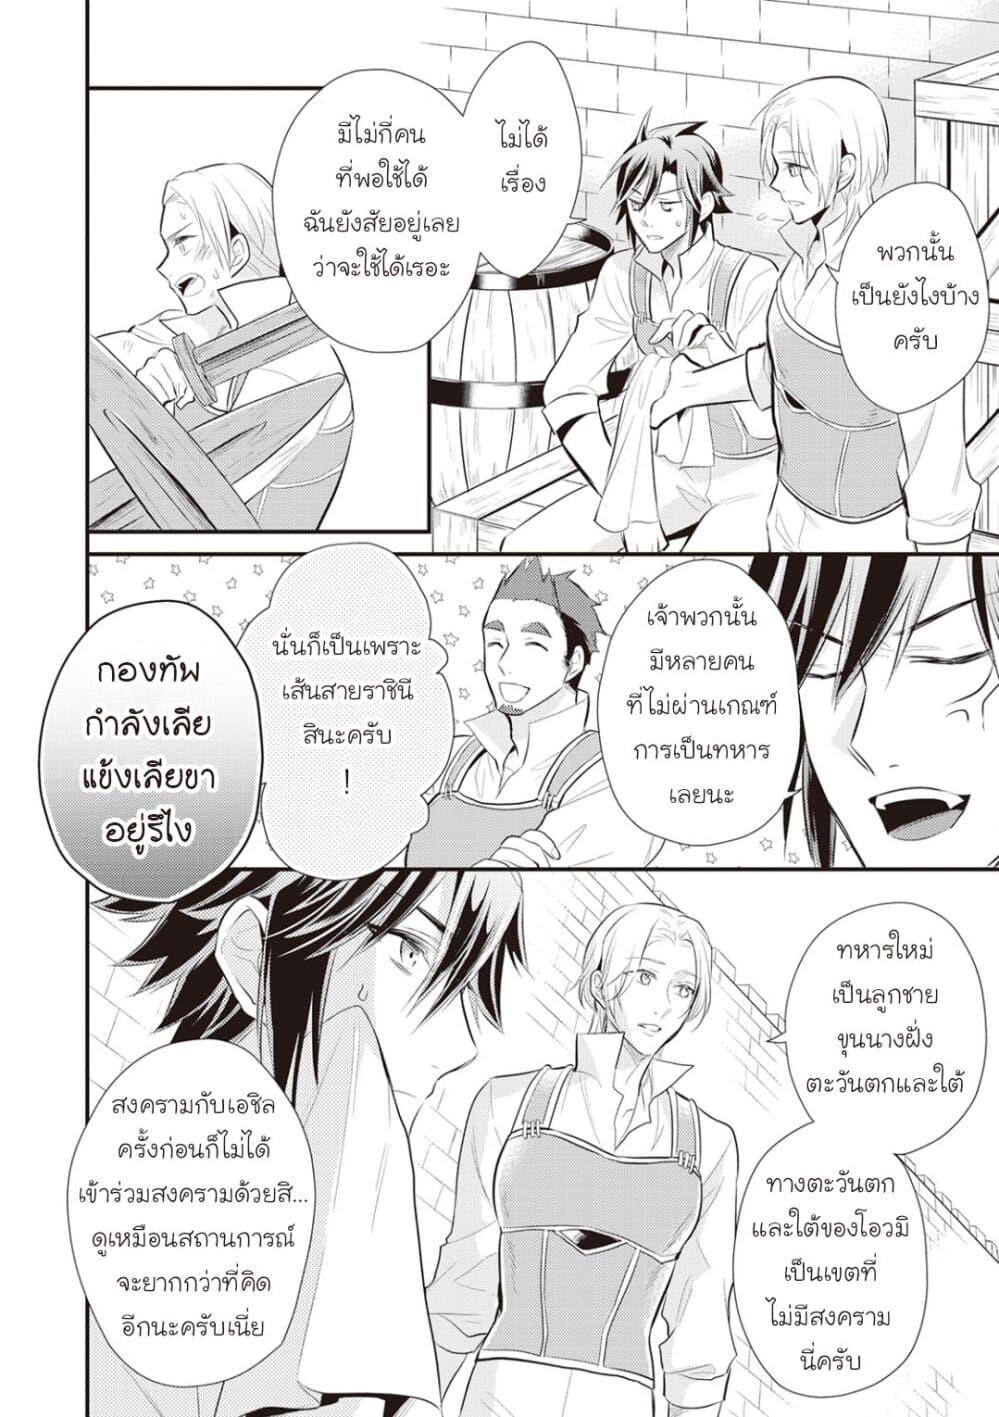 อ่านการ์ตูน Daites Ryou Koubouki ตอนที่ 23 หน้าที่ 22